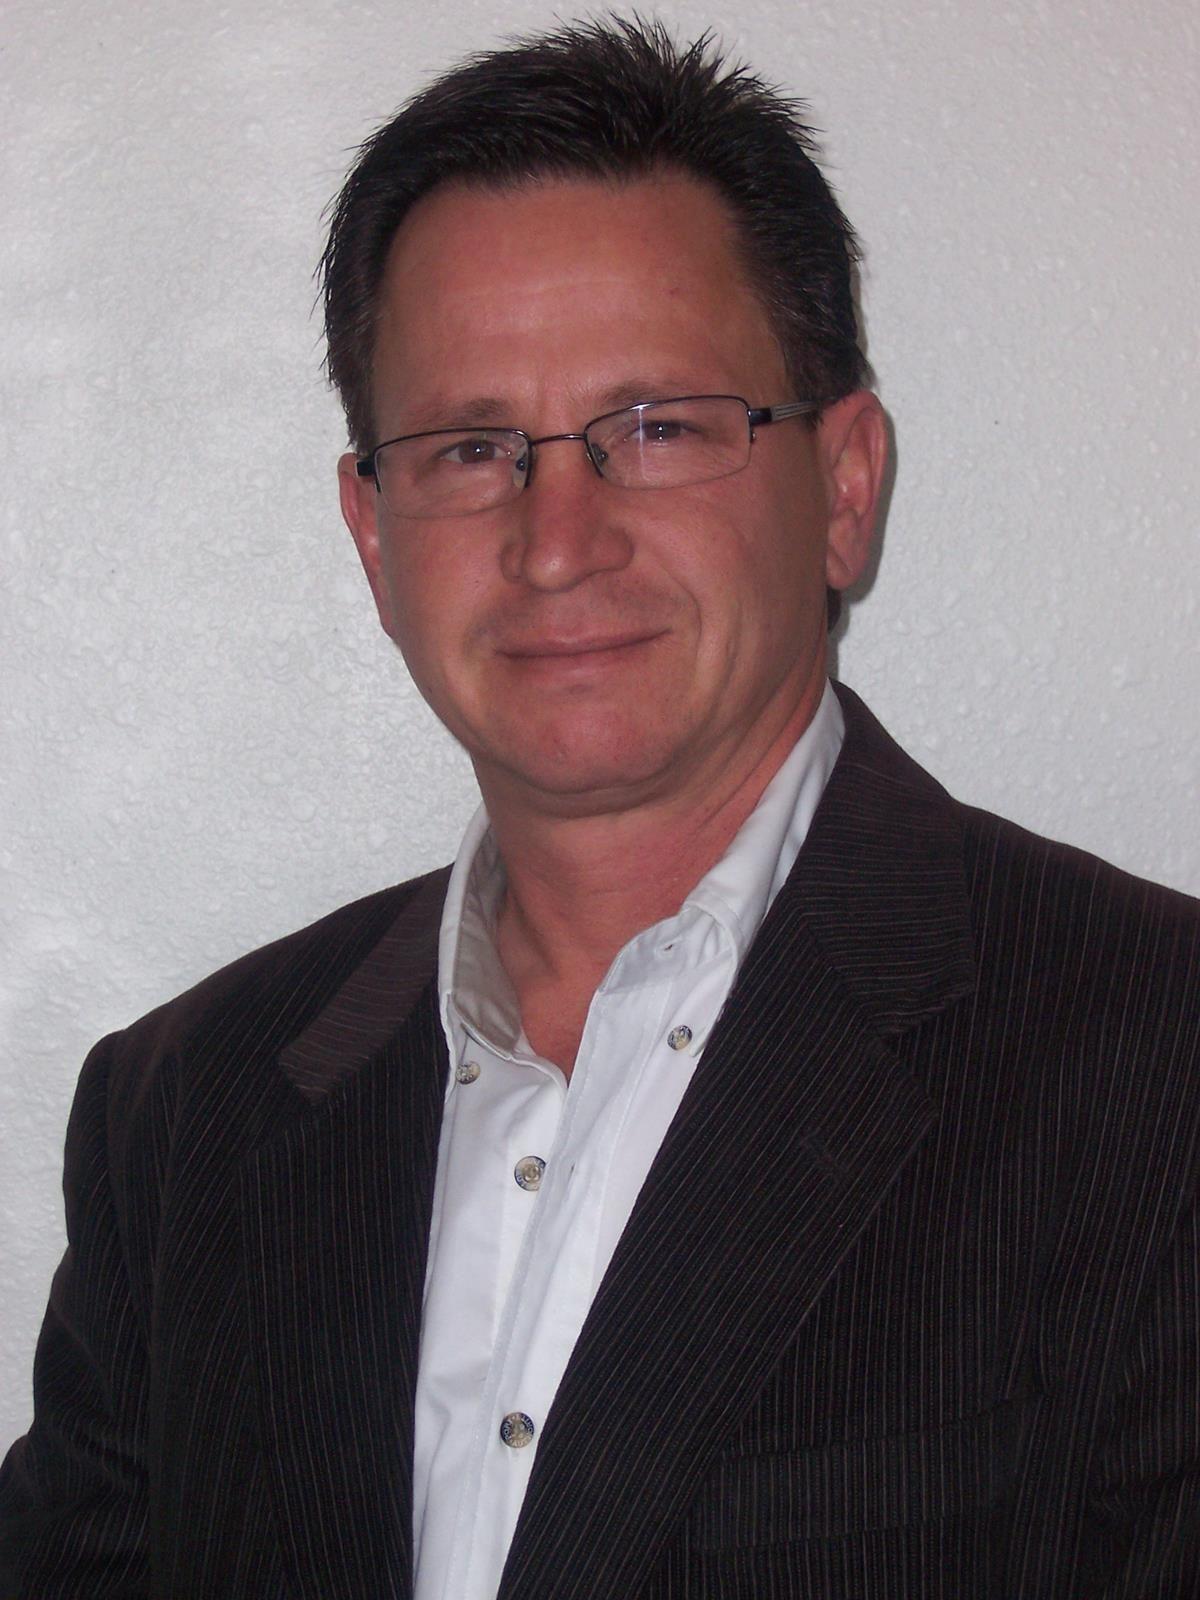 Lloyd LaCroix